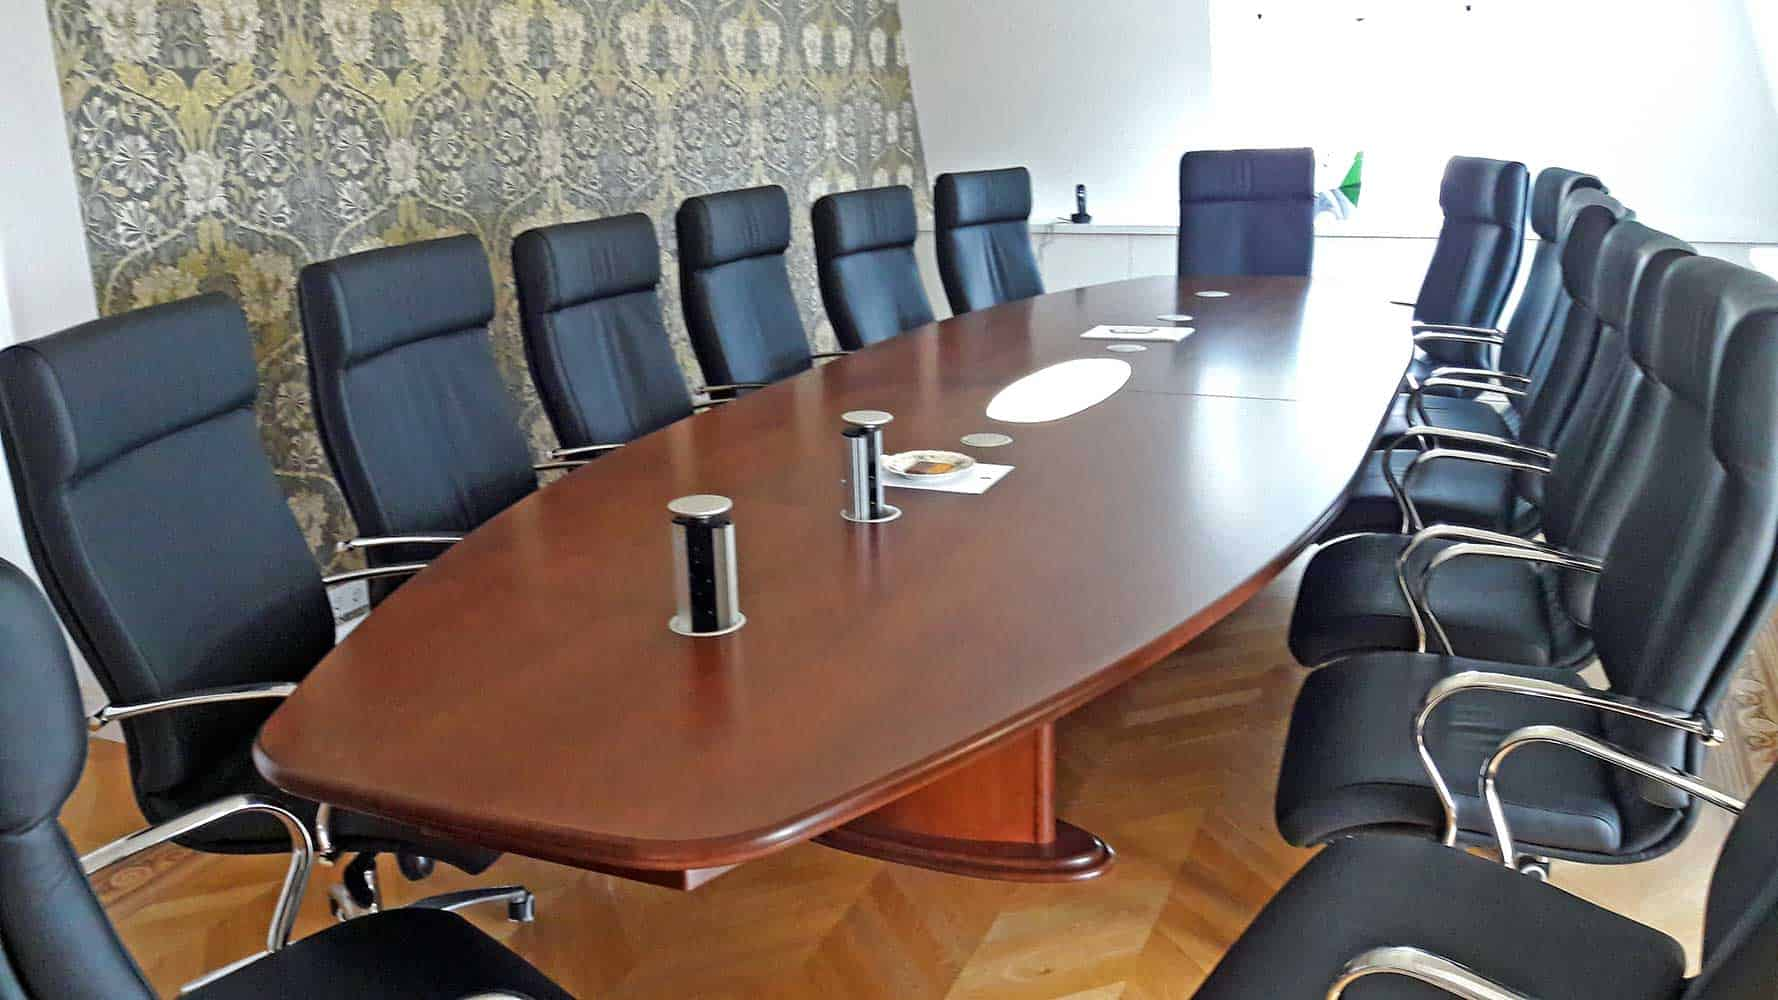 Ovális tárgyalóasztal 14 fős